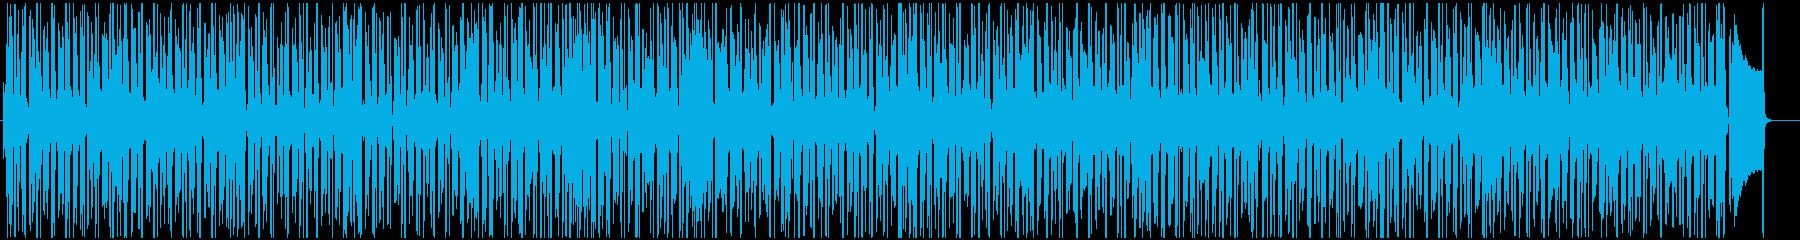 エレピとトランペットのメロウなレゲエ調☆の再生済みの波形